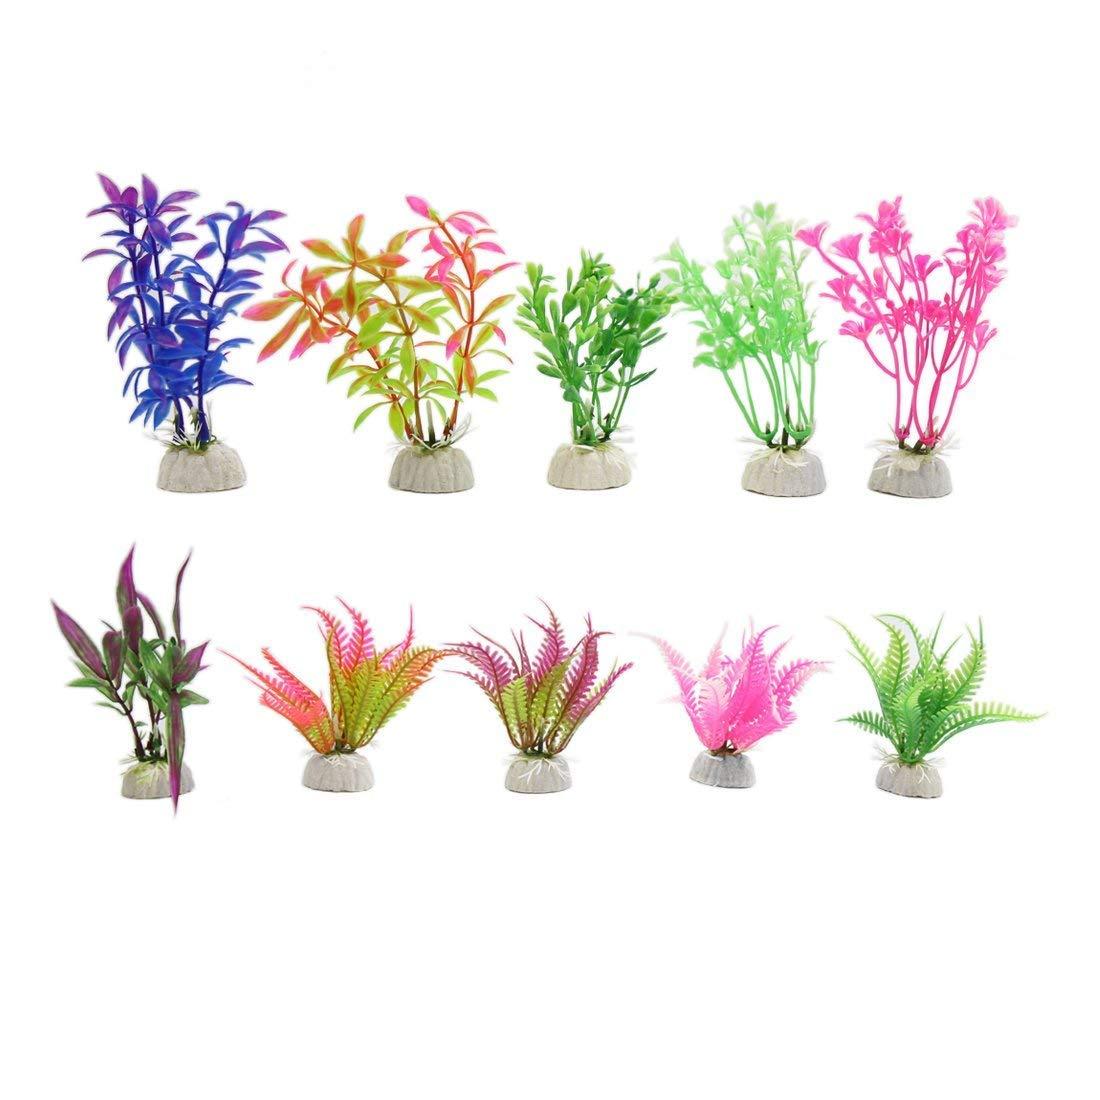 10Pcs Plastic Mini Water Grass Betta Tank Fishbowl Decoration with Stand